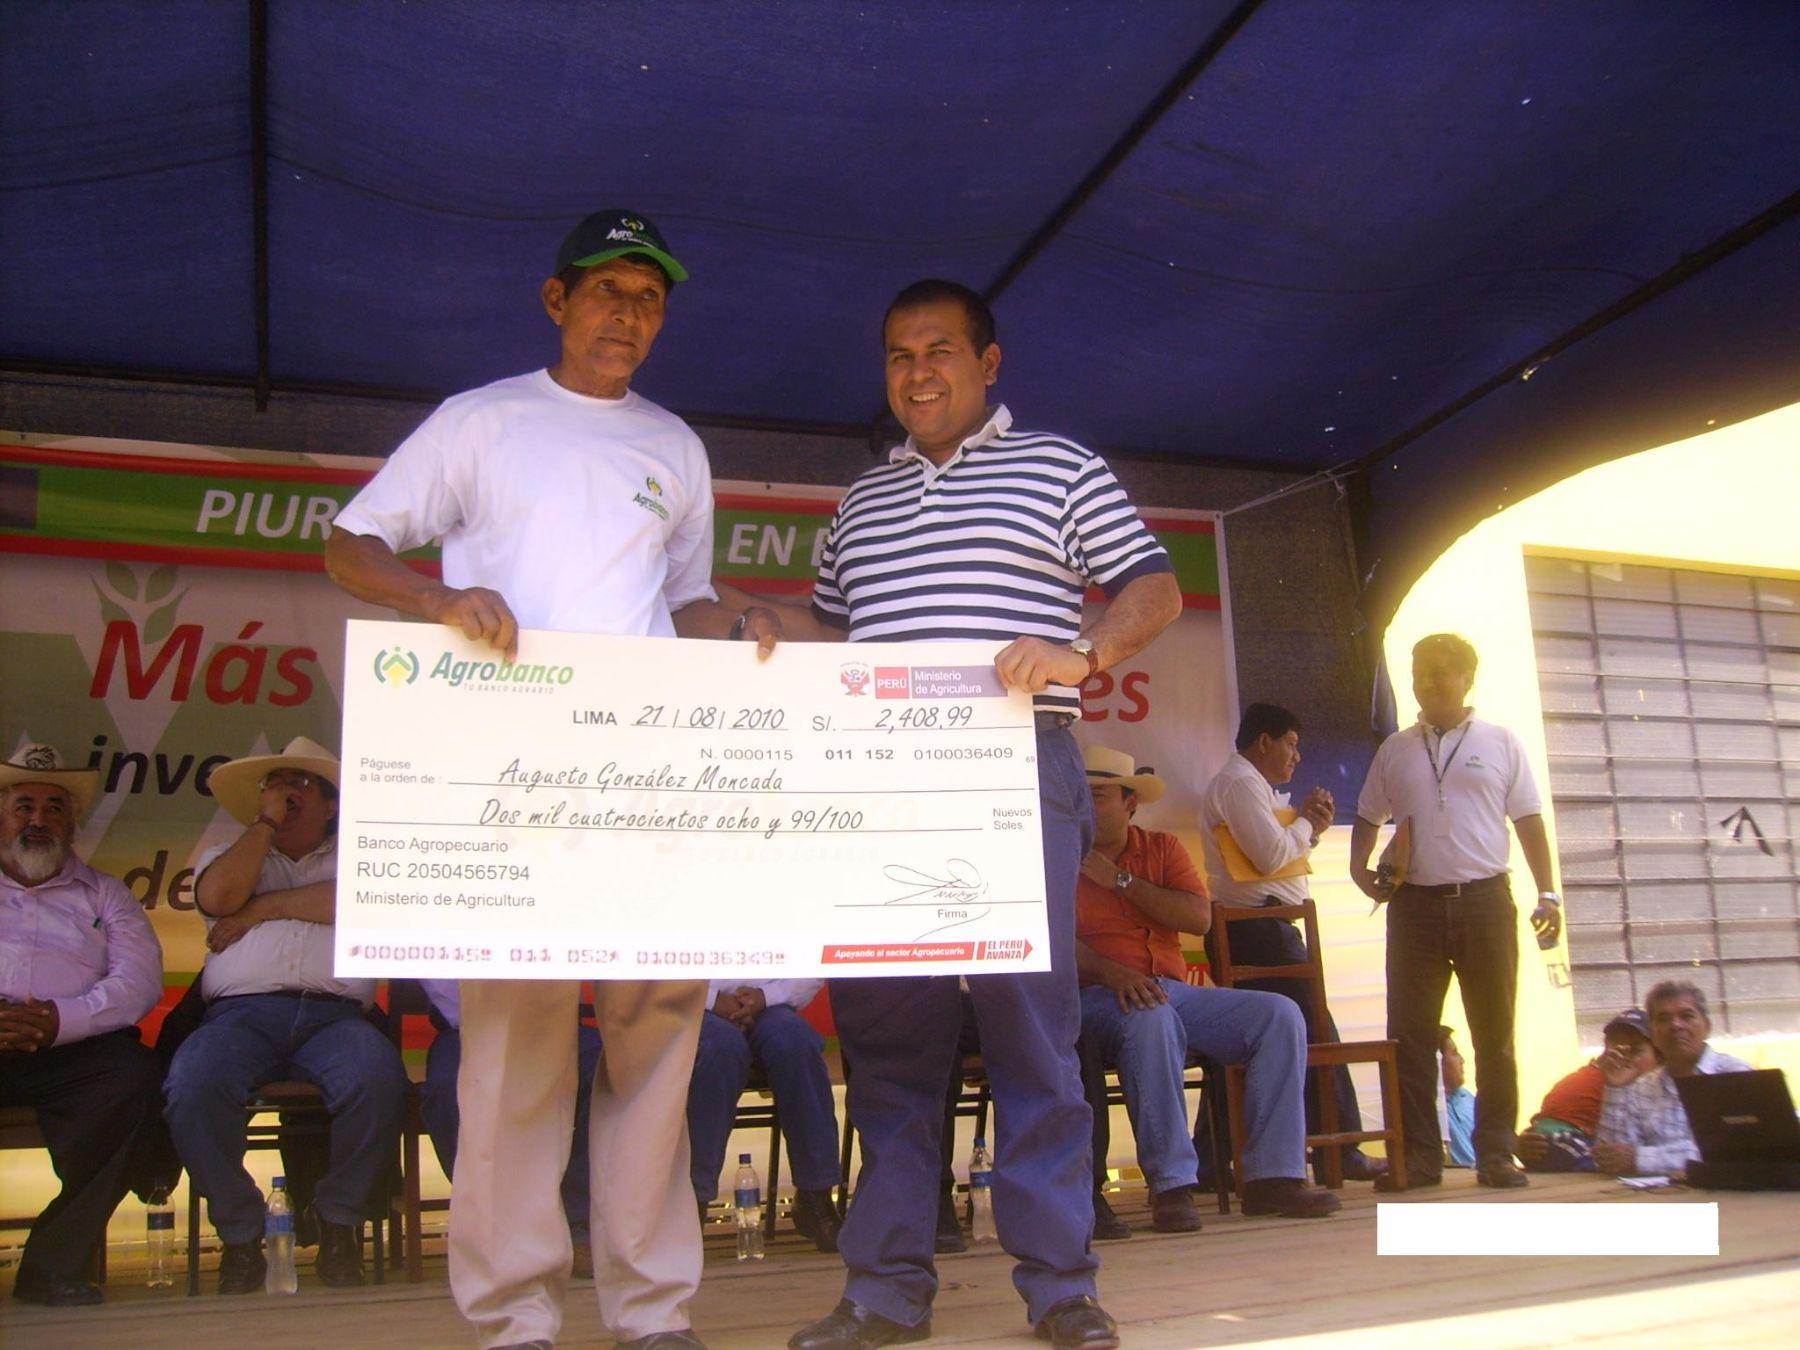 El presidente del directorio de Agrobanco, Marcos Gasco Arrobas, junto a productor de mango de Chulucanas. Foto: Agrobanco.